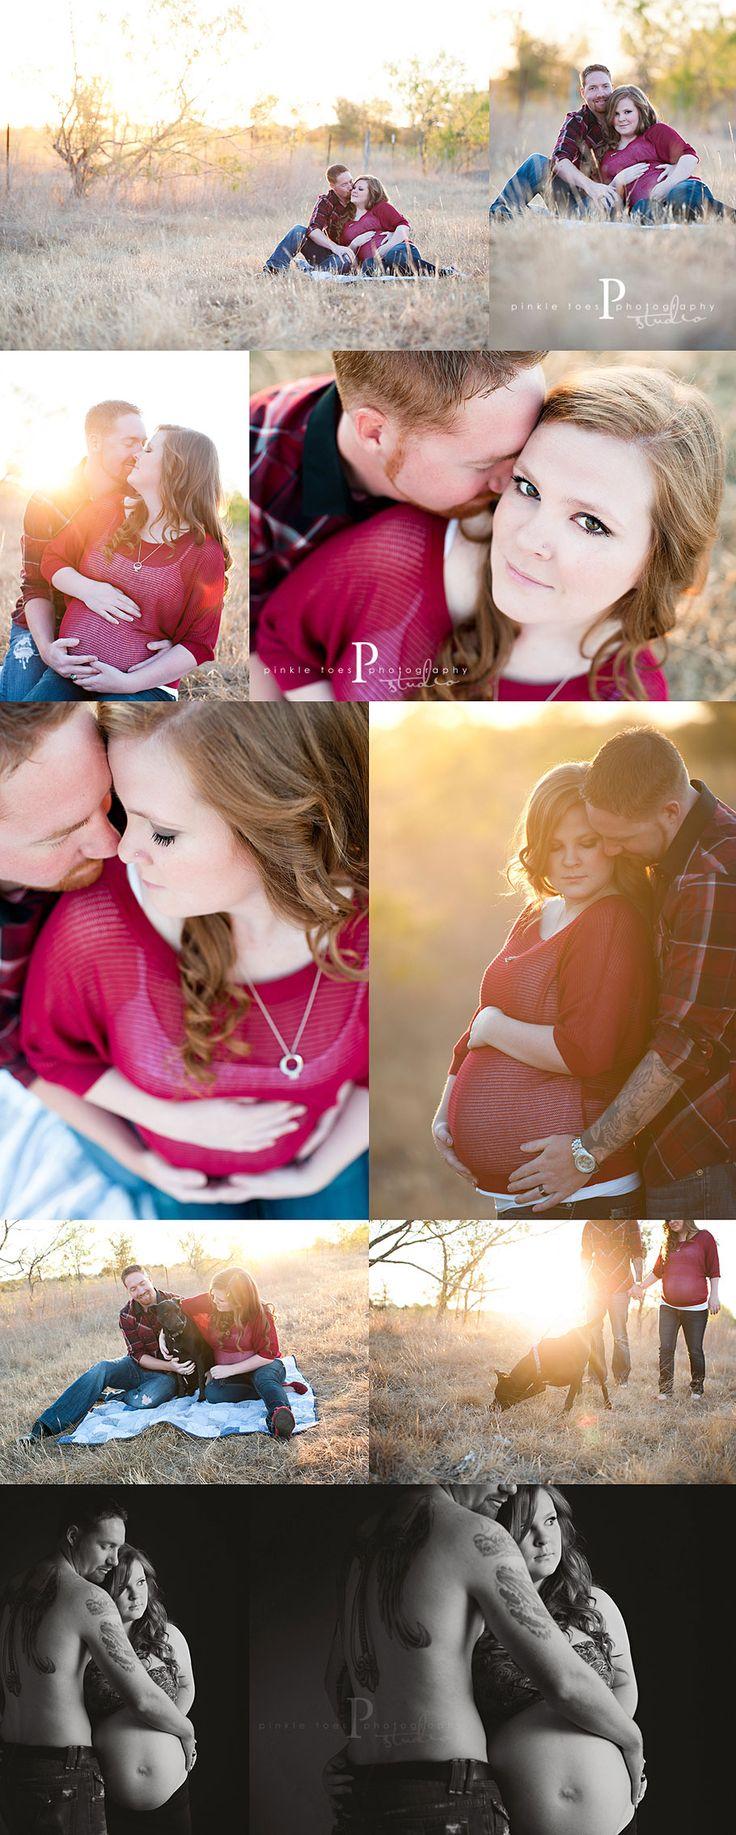 maternity: Photo Ideas, Maternity Pics, Maternity Pictures, Maternity Photography, Pregnancy Photo, Maternity Photoshoot, Baby, Photography Ideas